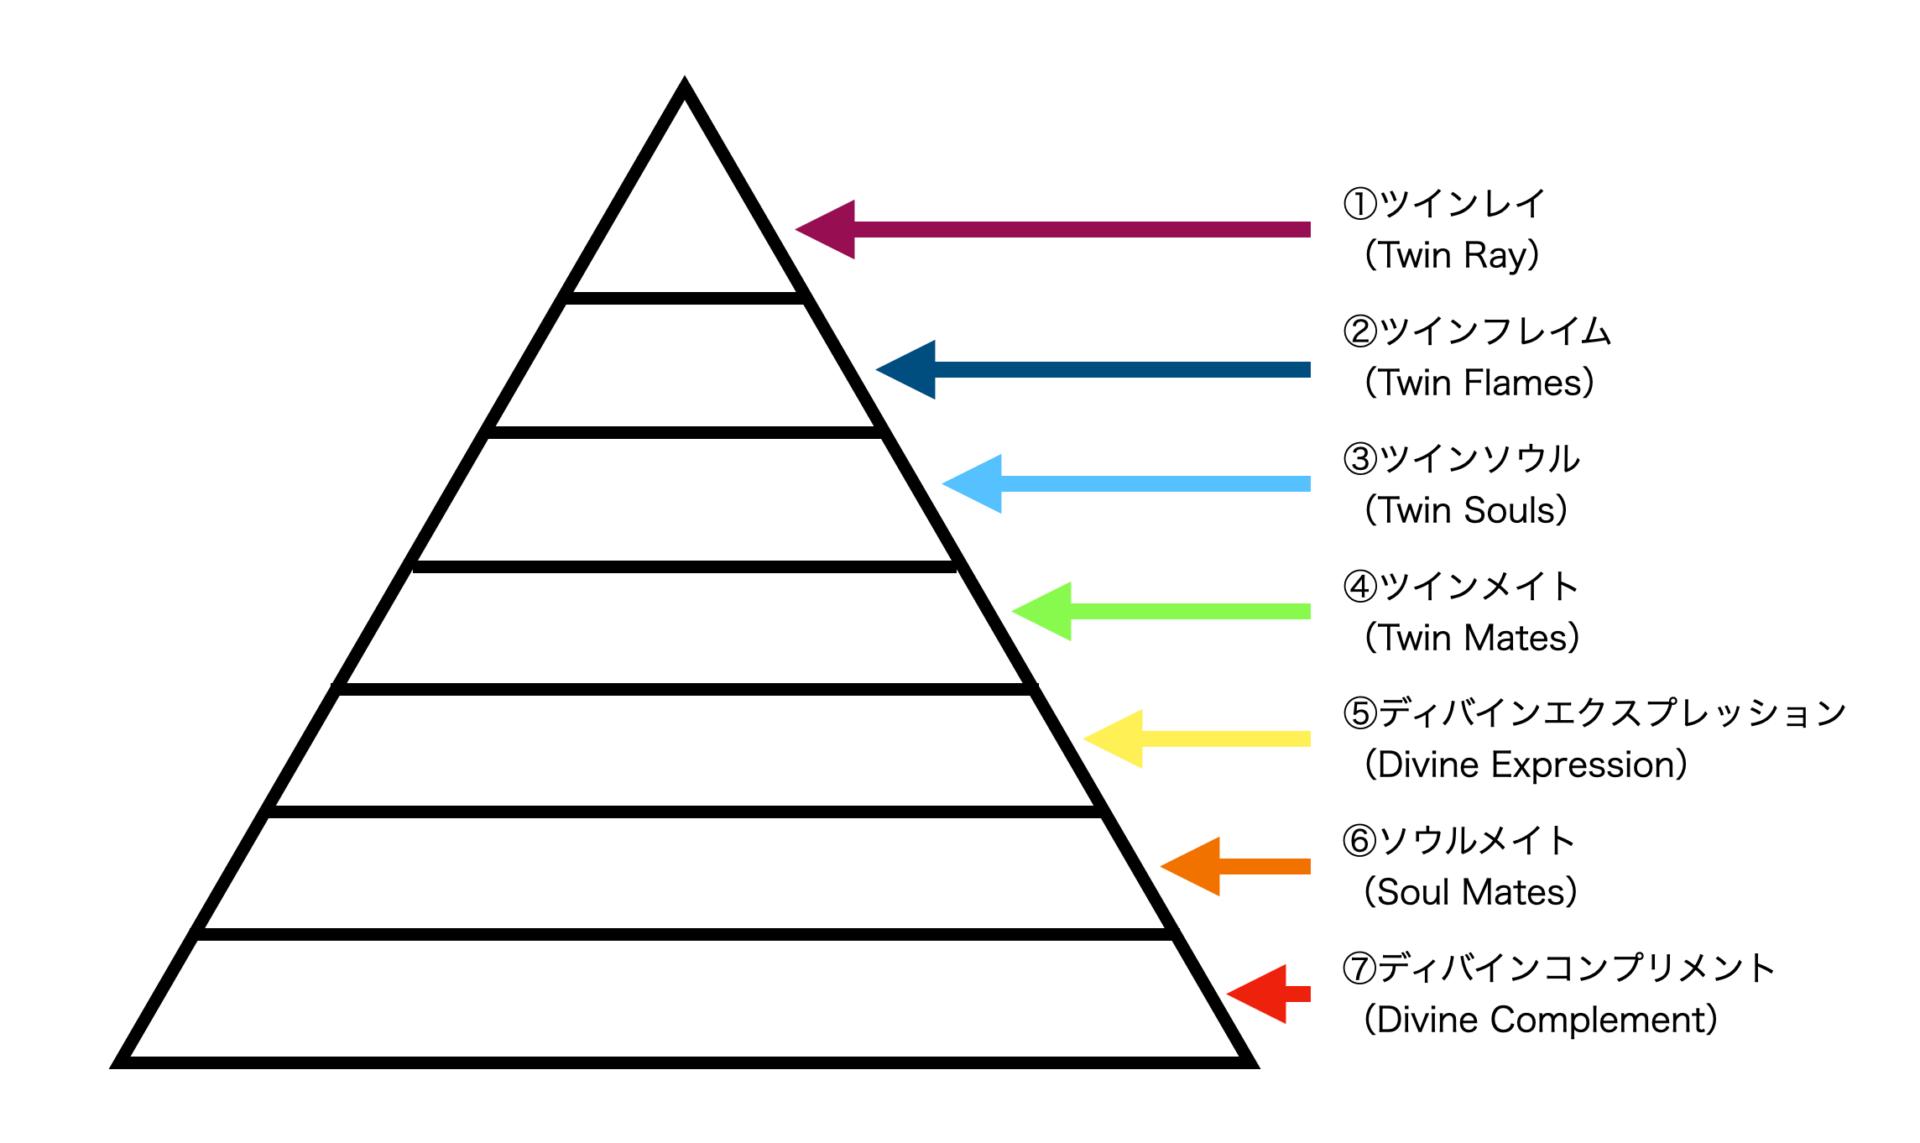 ソウルメイト7つの段階